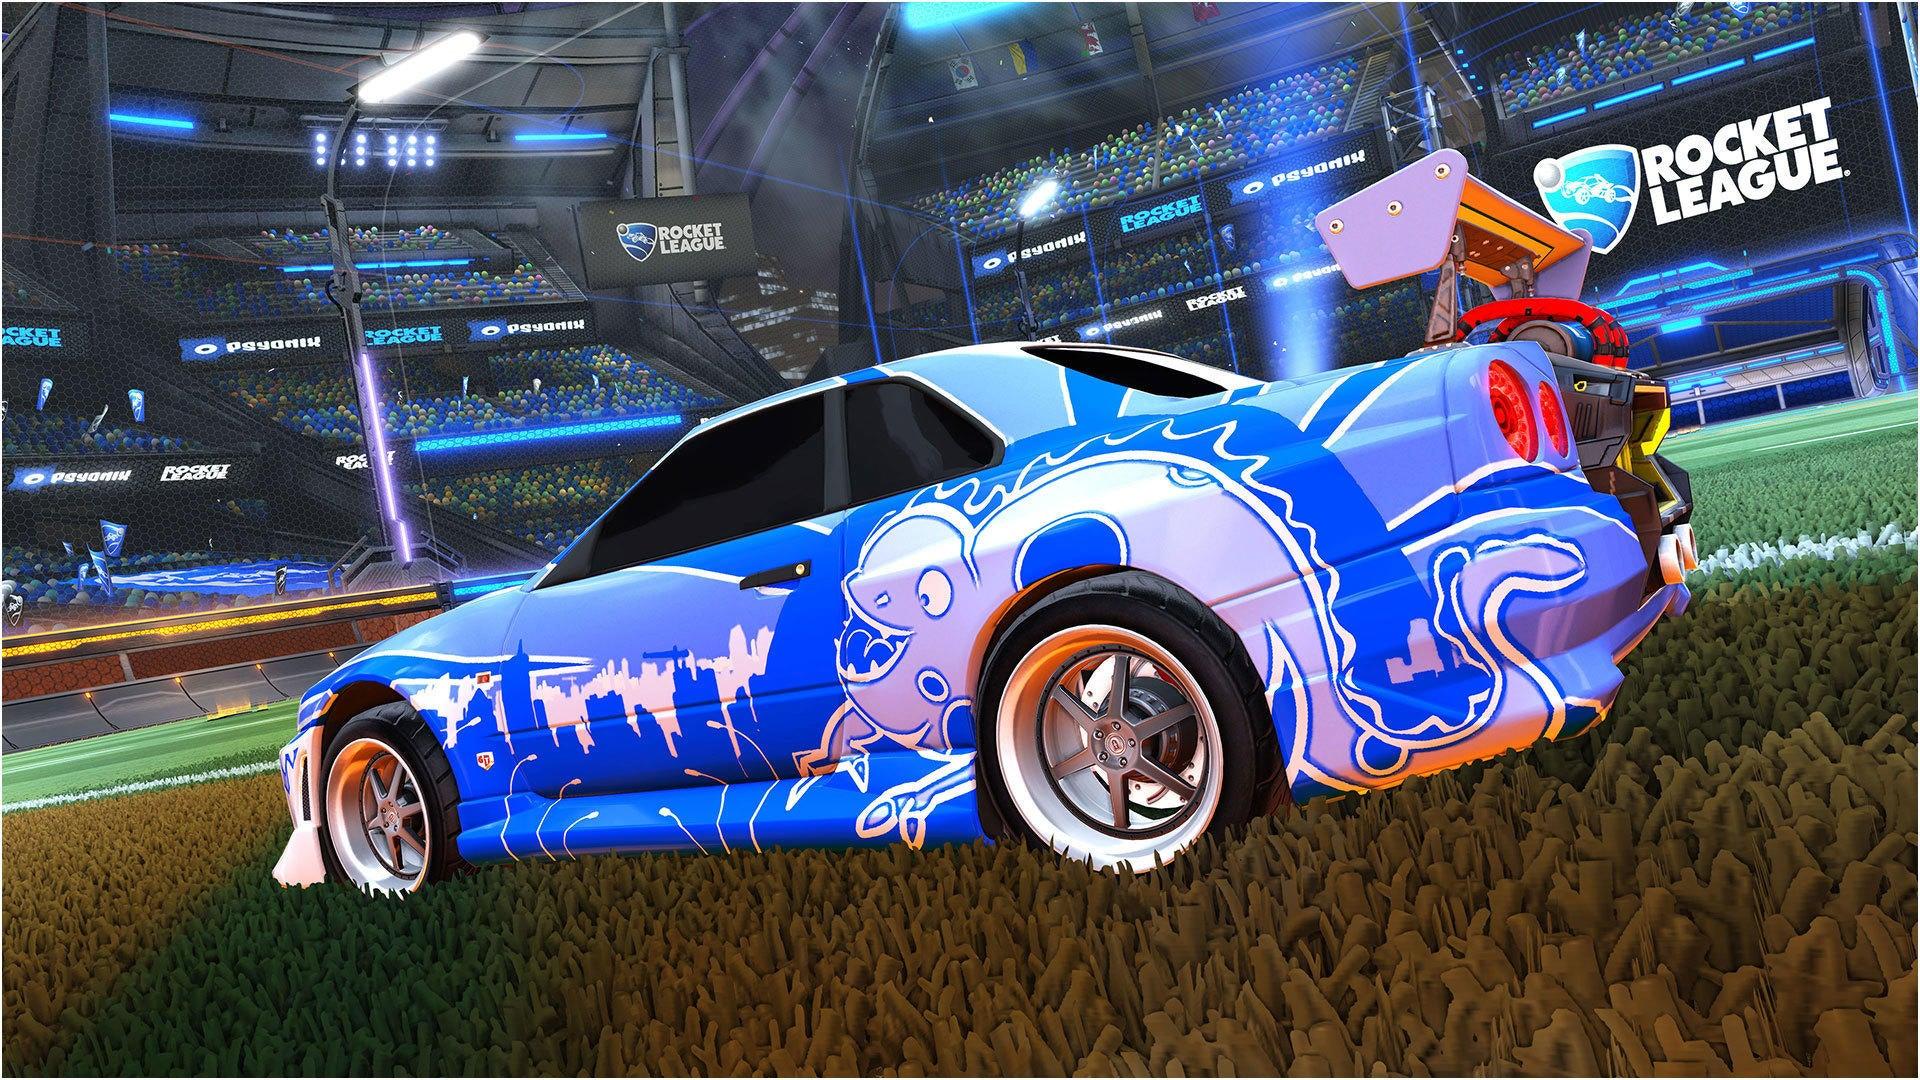 Fast & Furious | Rocket League® - Official Site